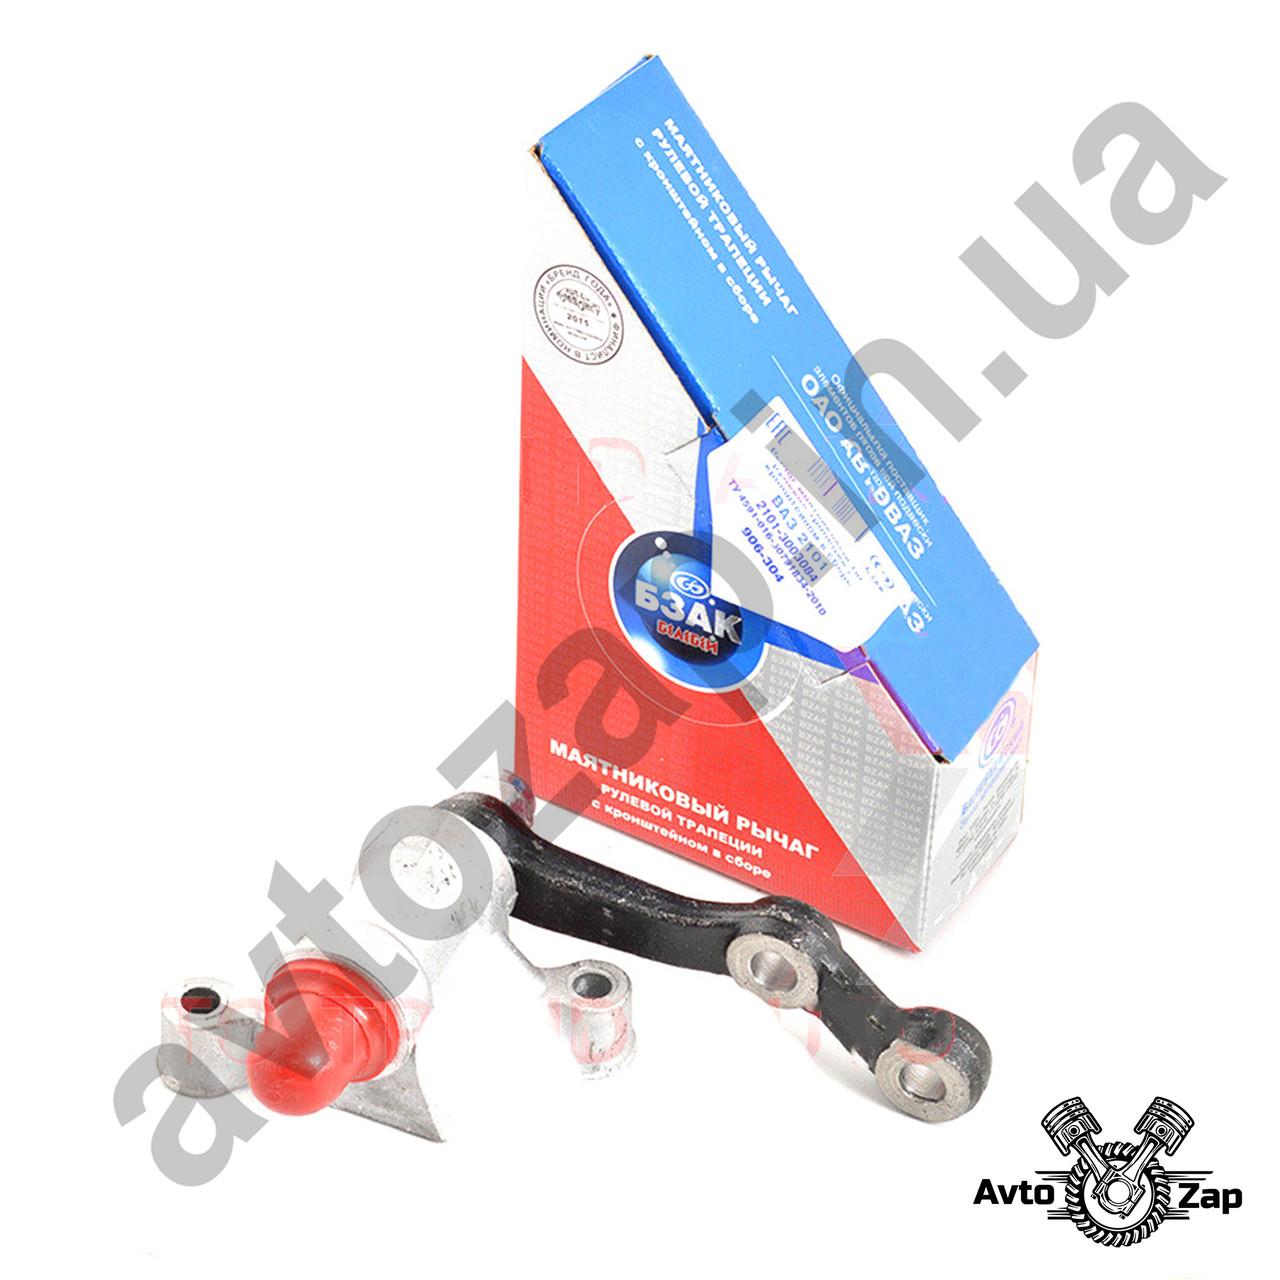 Рычаг маятниковый ВАЗ 2101-07 на подшипниках кор.уп.      03609